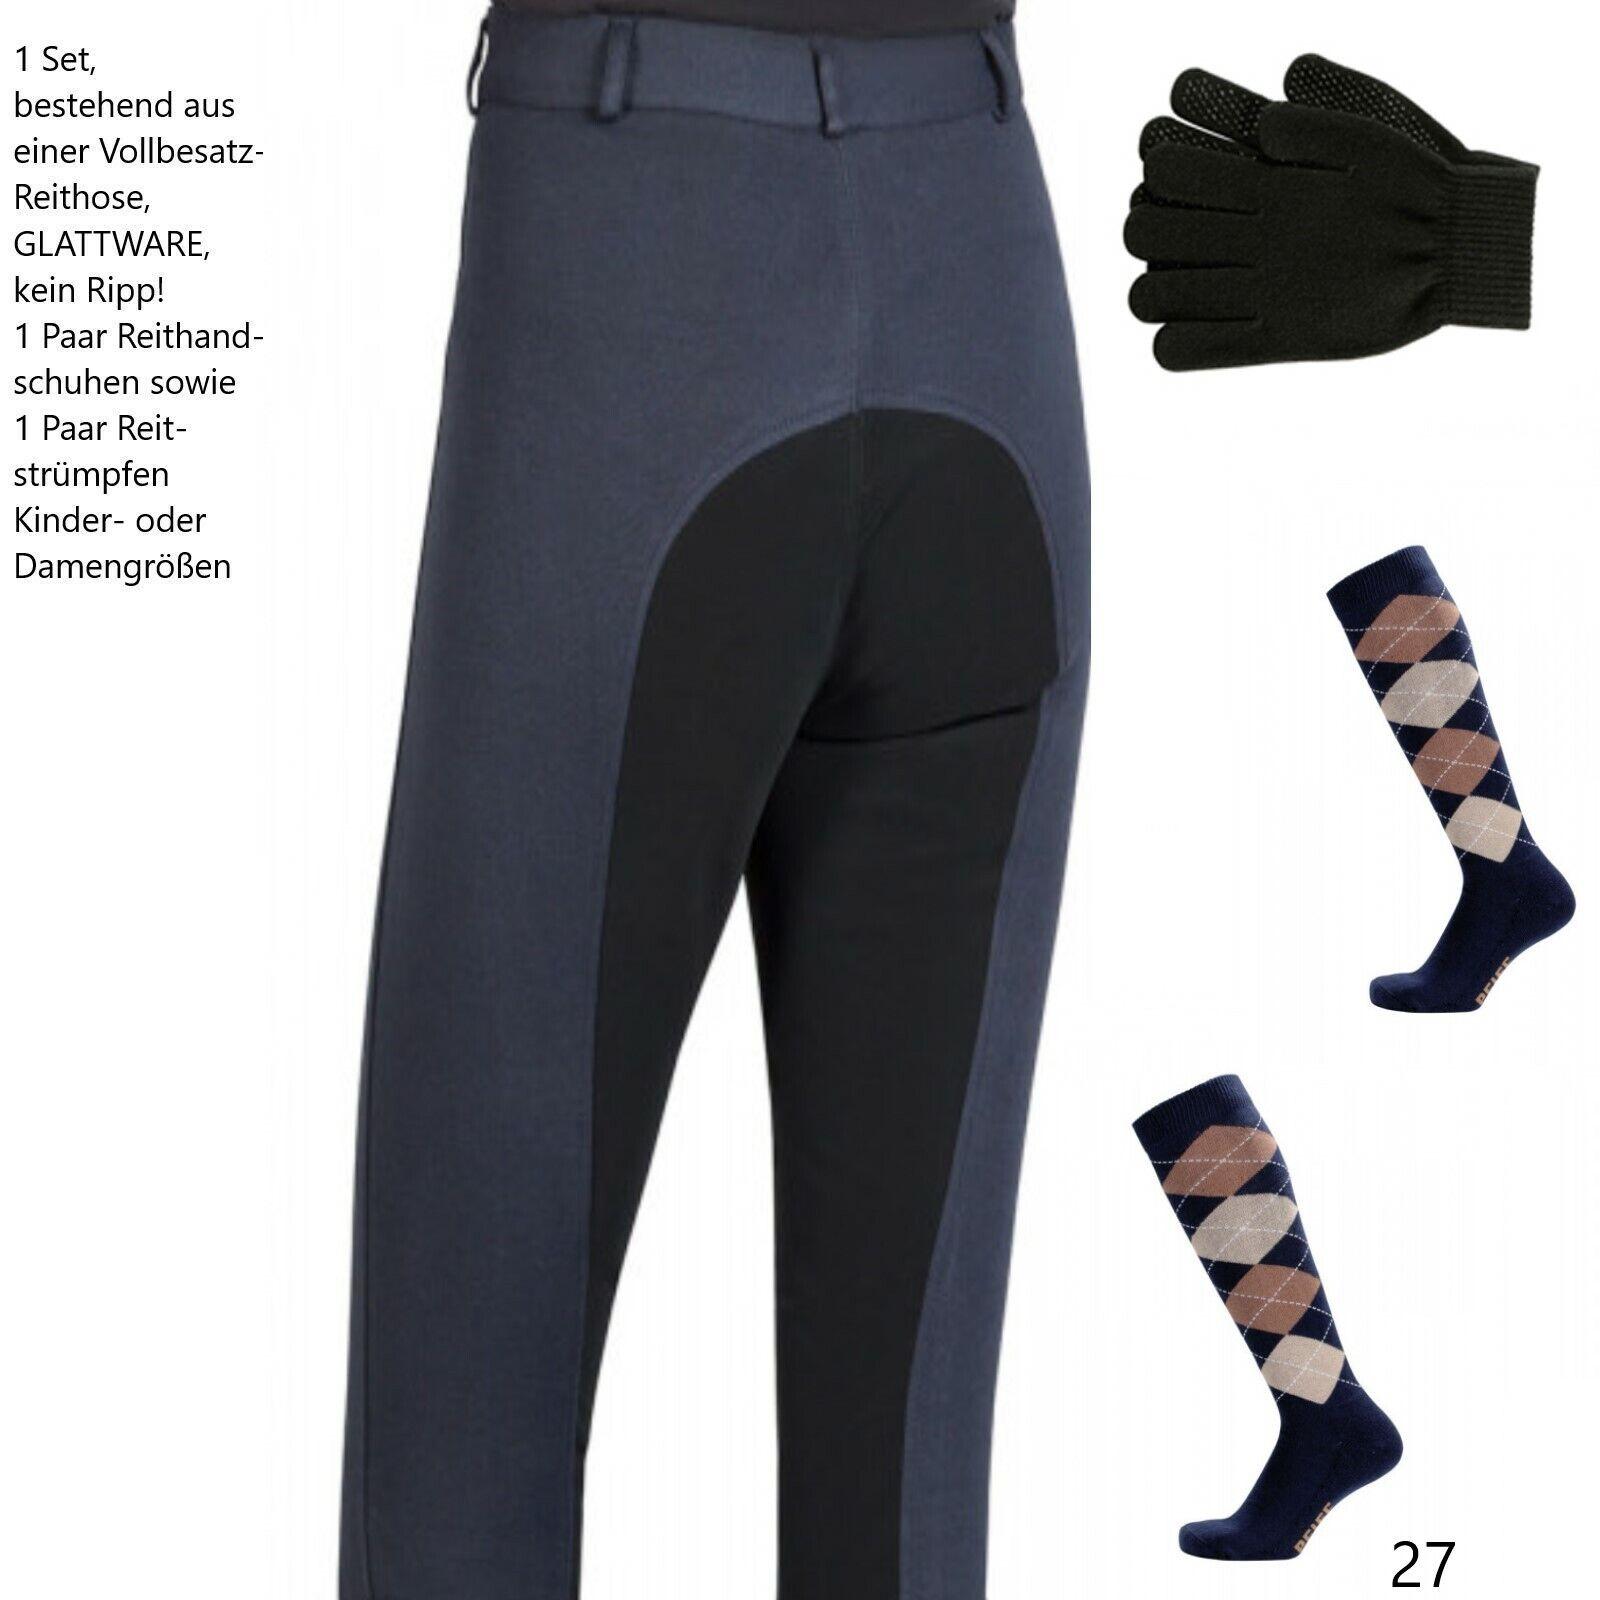 Reiter Outfit Set Damen Vollbesatz Reithose Strümpfe Handschuhe blau Frauen MEGA  | Umweltfreundlich  | Outlet Store Online  | Überlegene Qualität